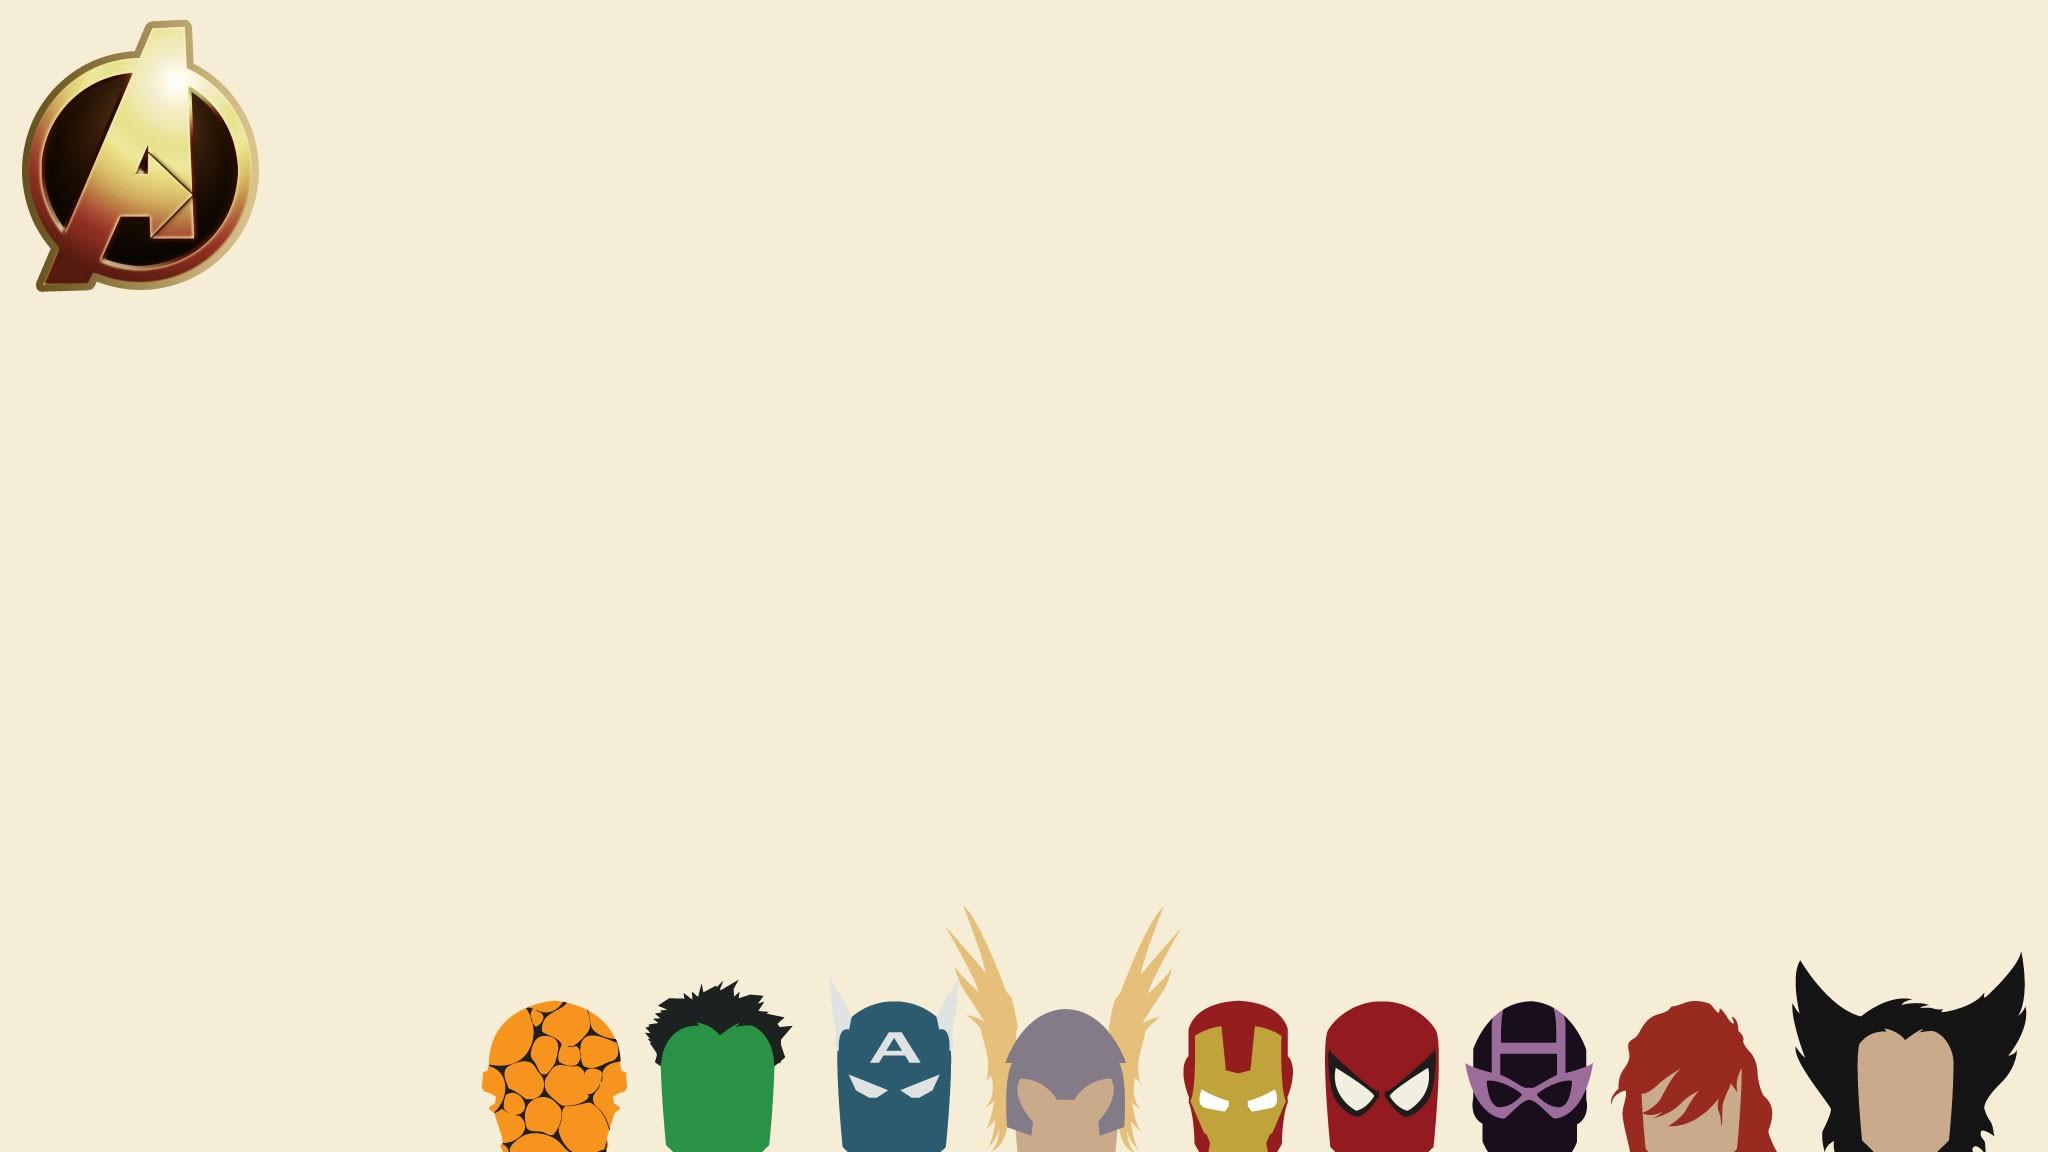 Download Minimalistic Avengers Wallpaper 2048x1152 Wallpoper 249765 2048x1152